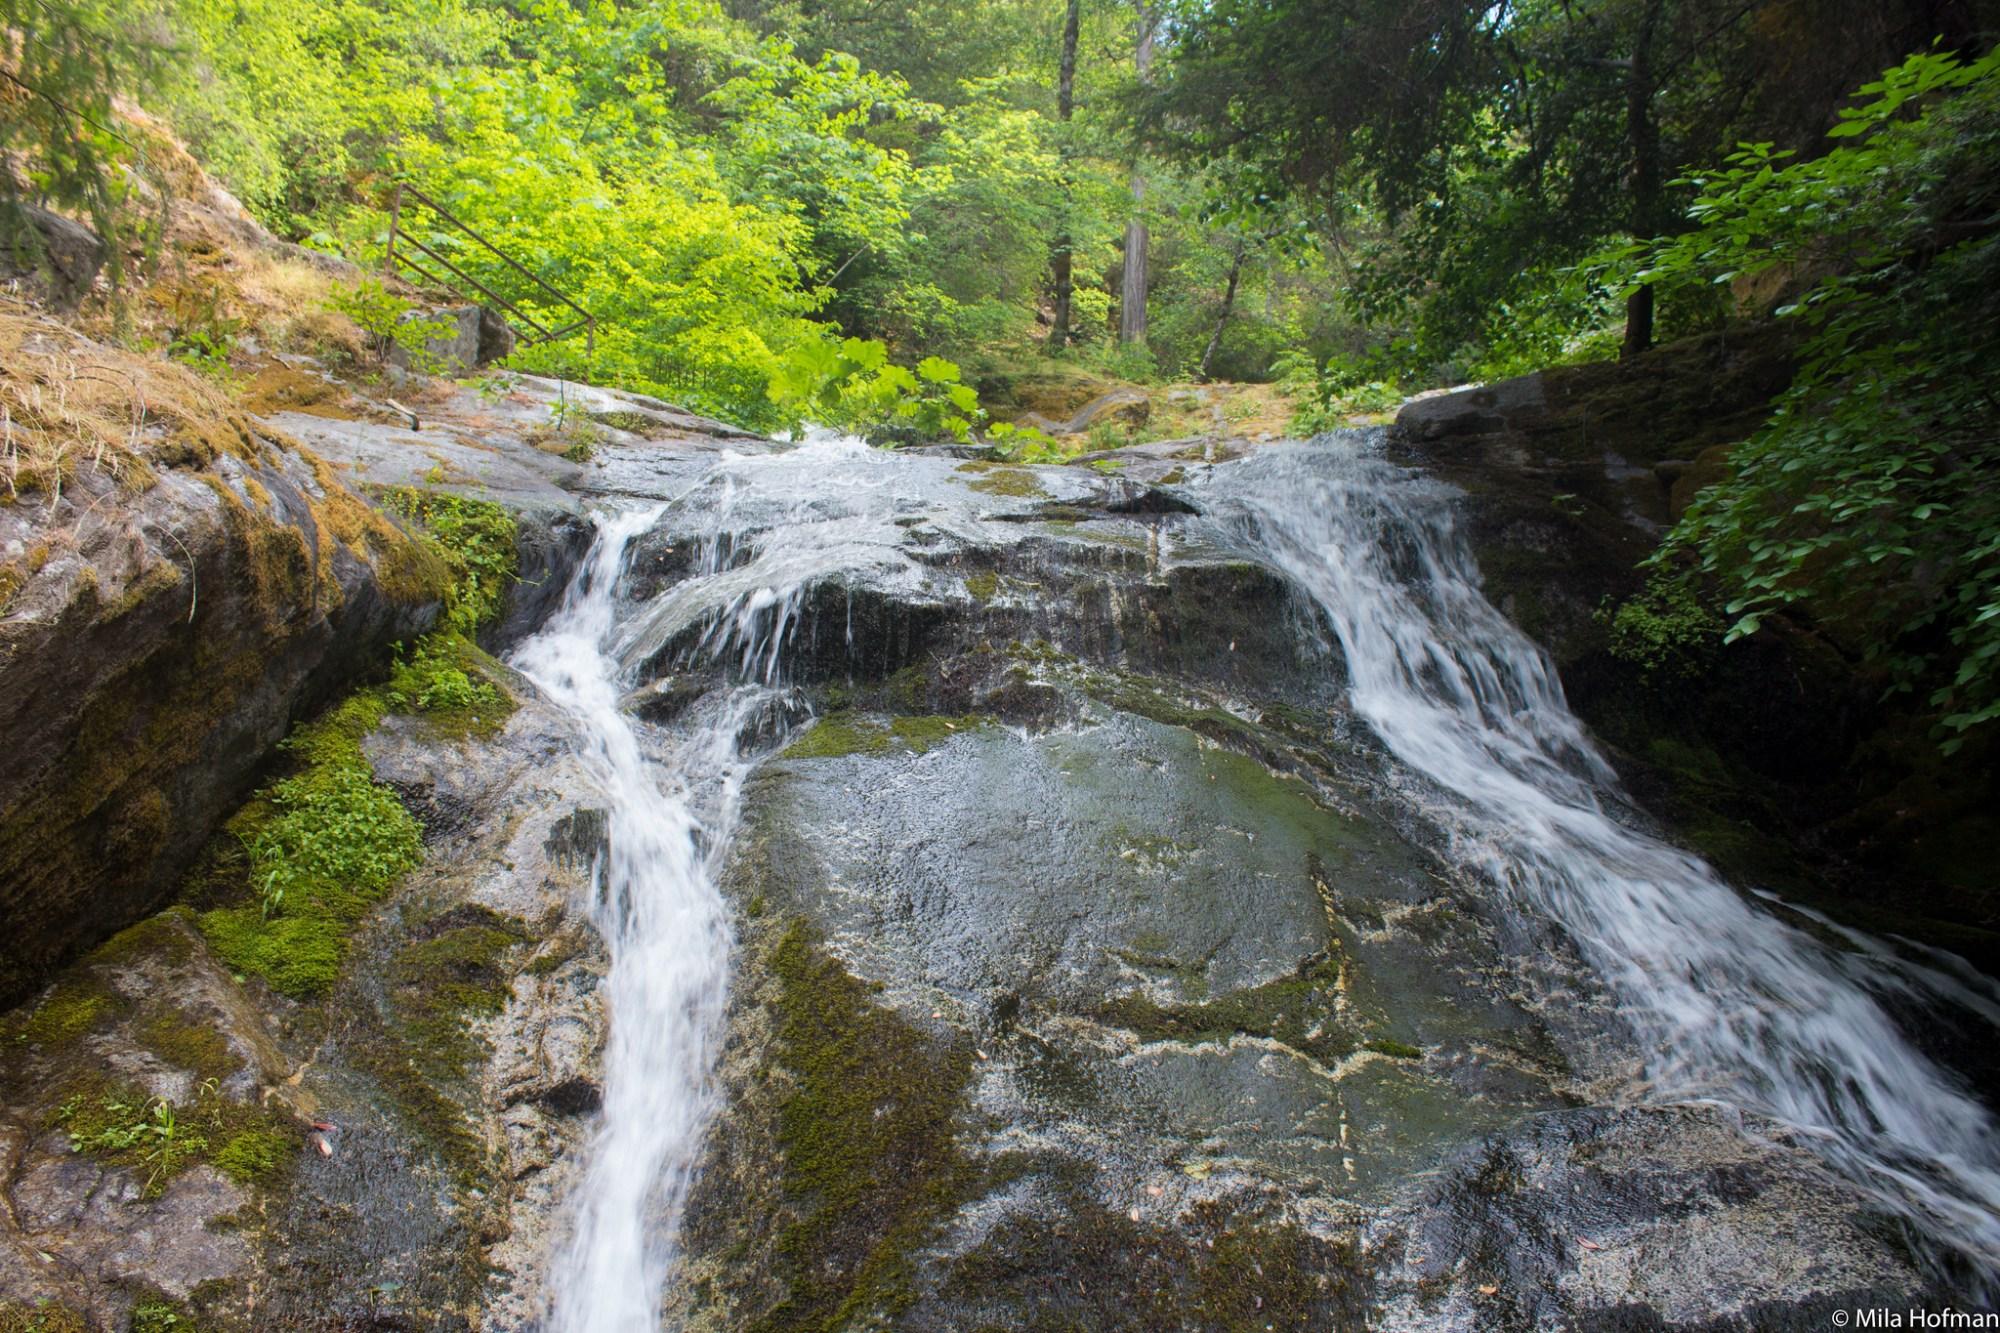 Whiskeytown waterfalls